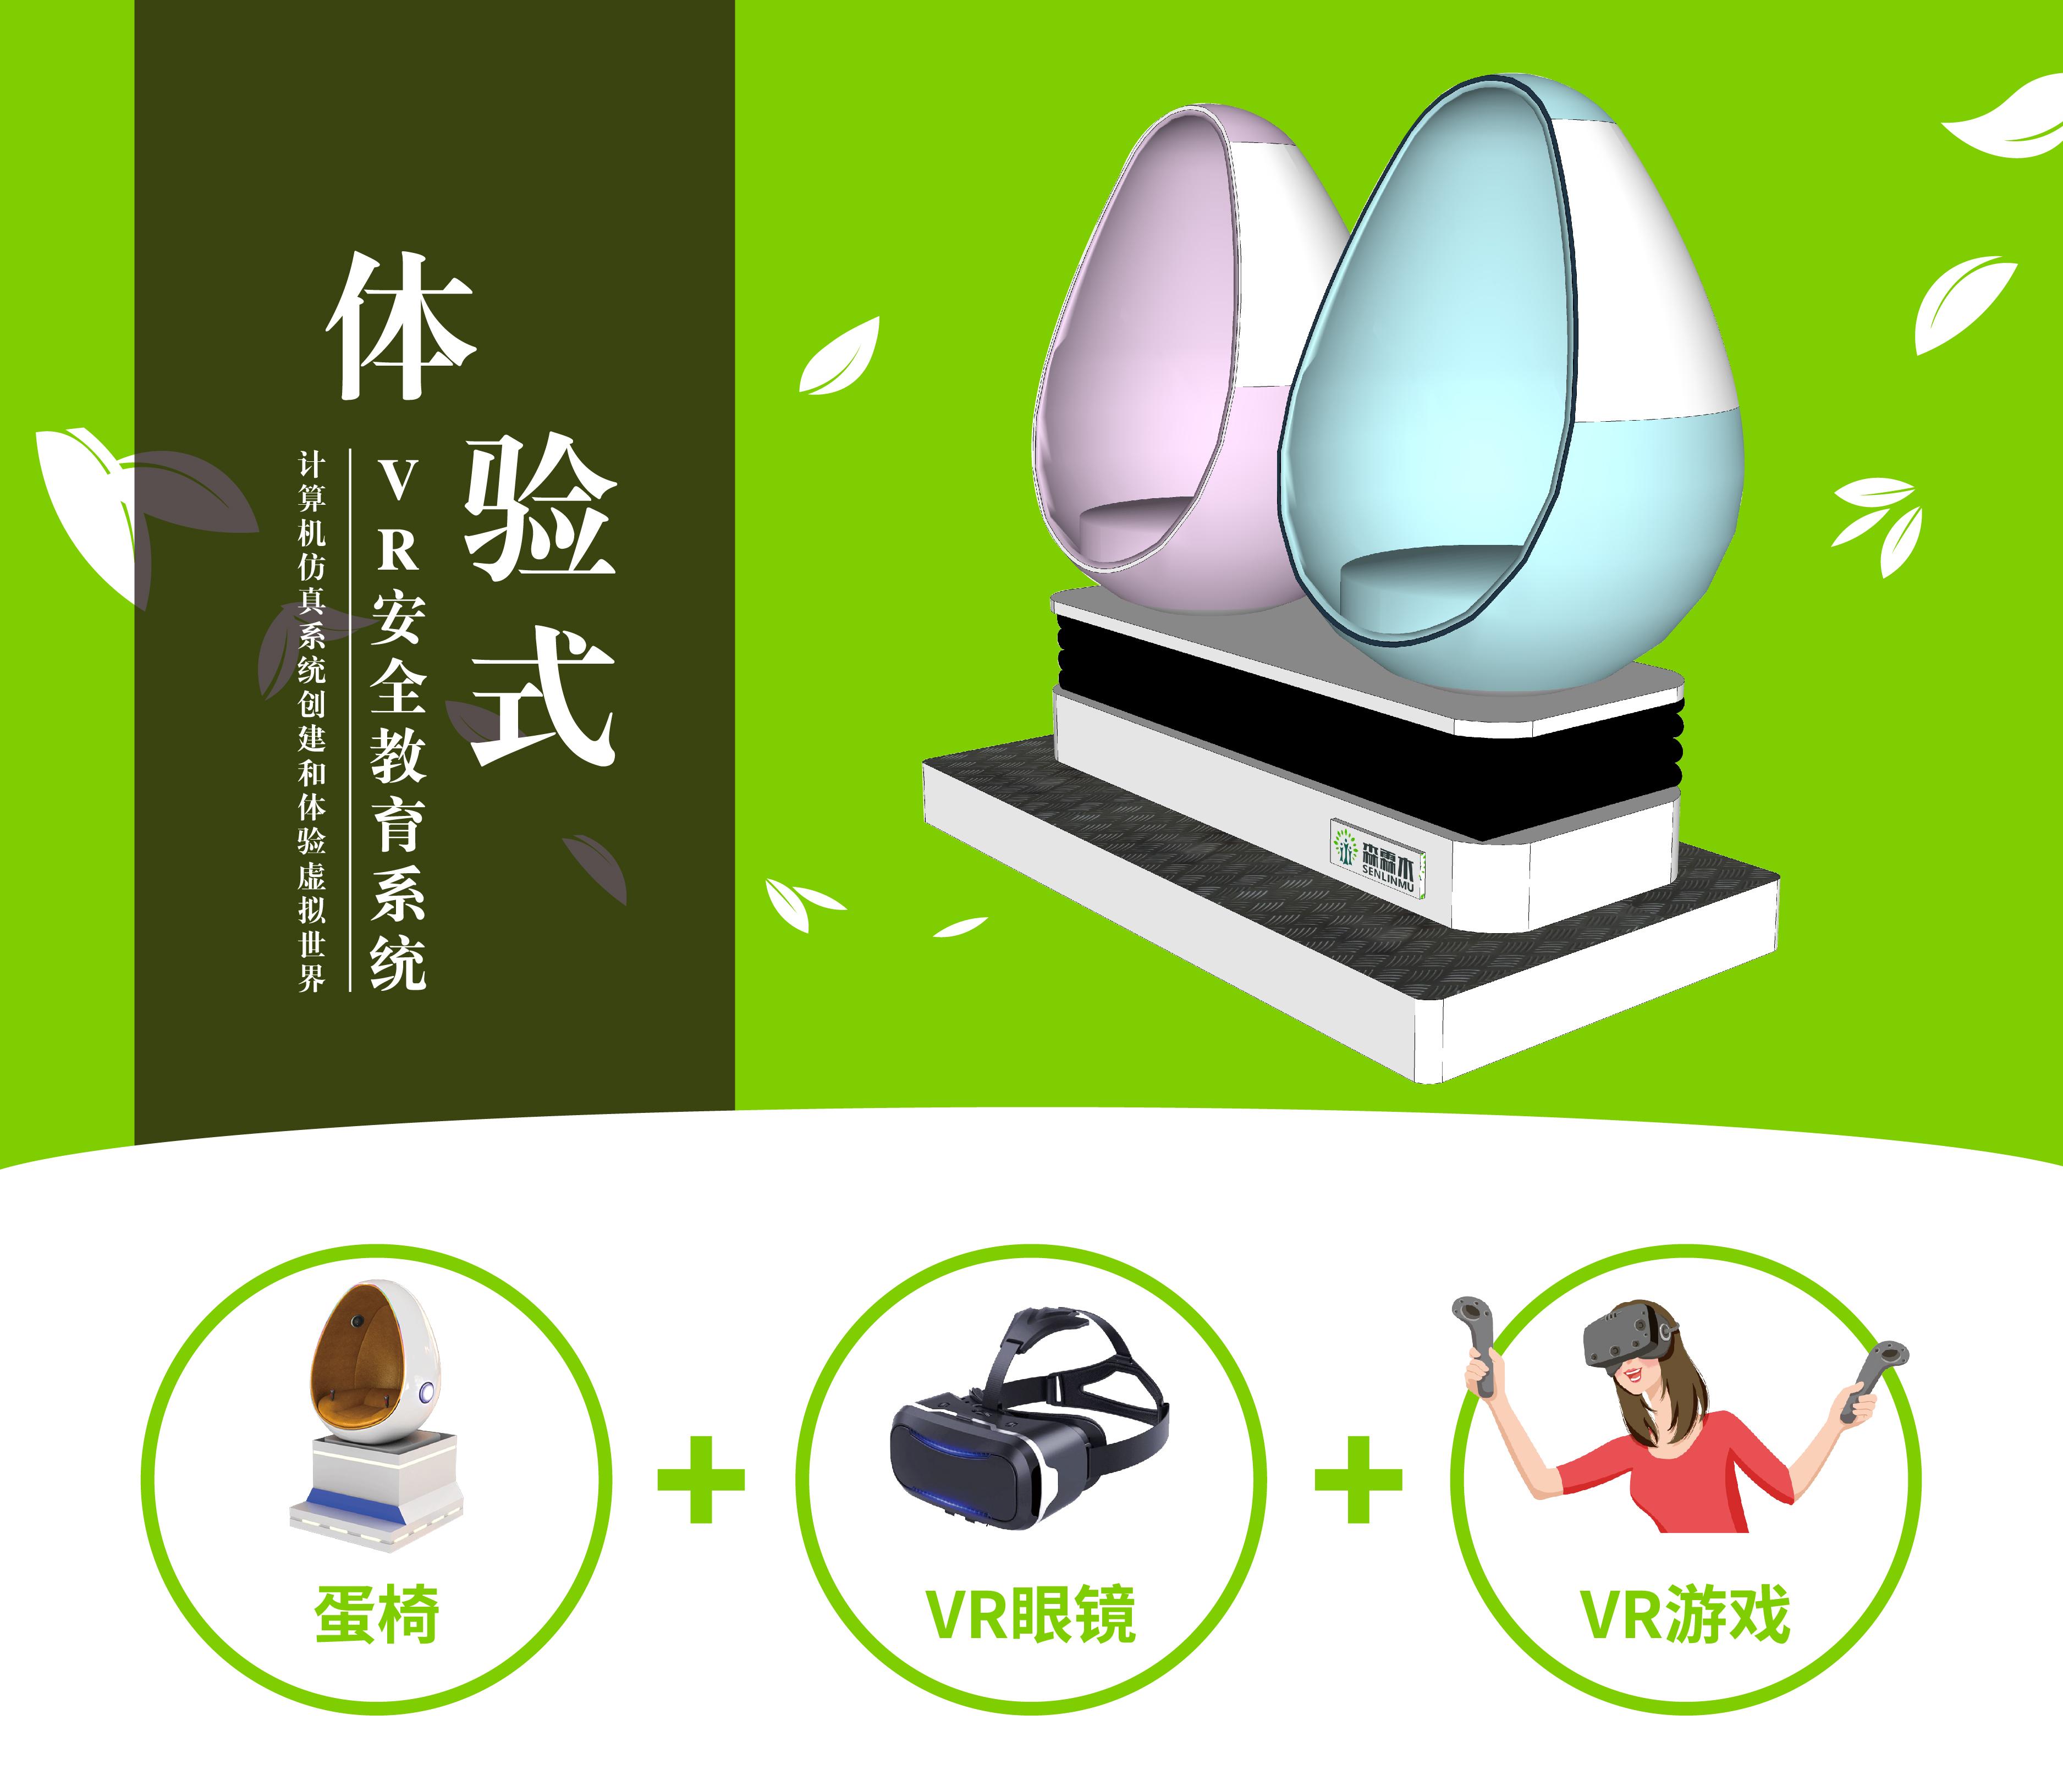 VR蛋椅_画板10